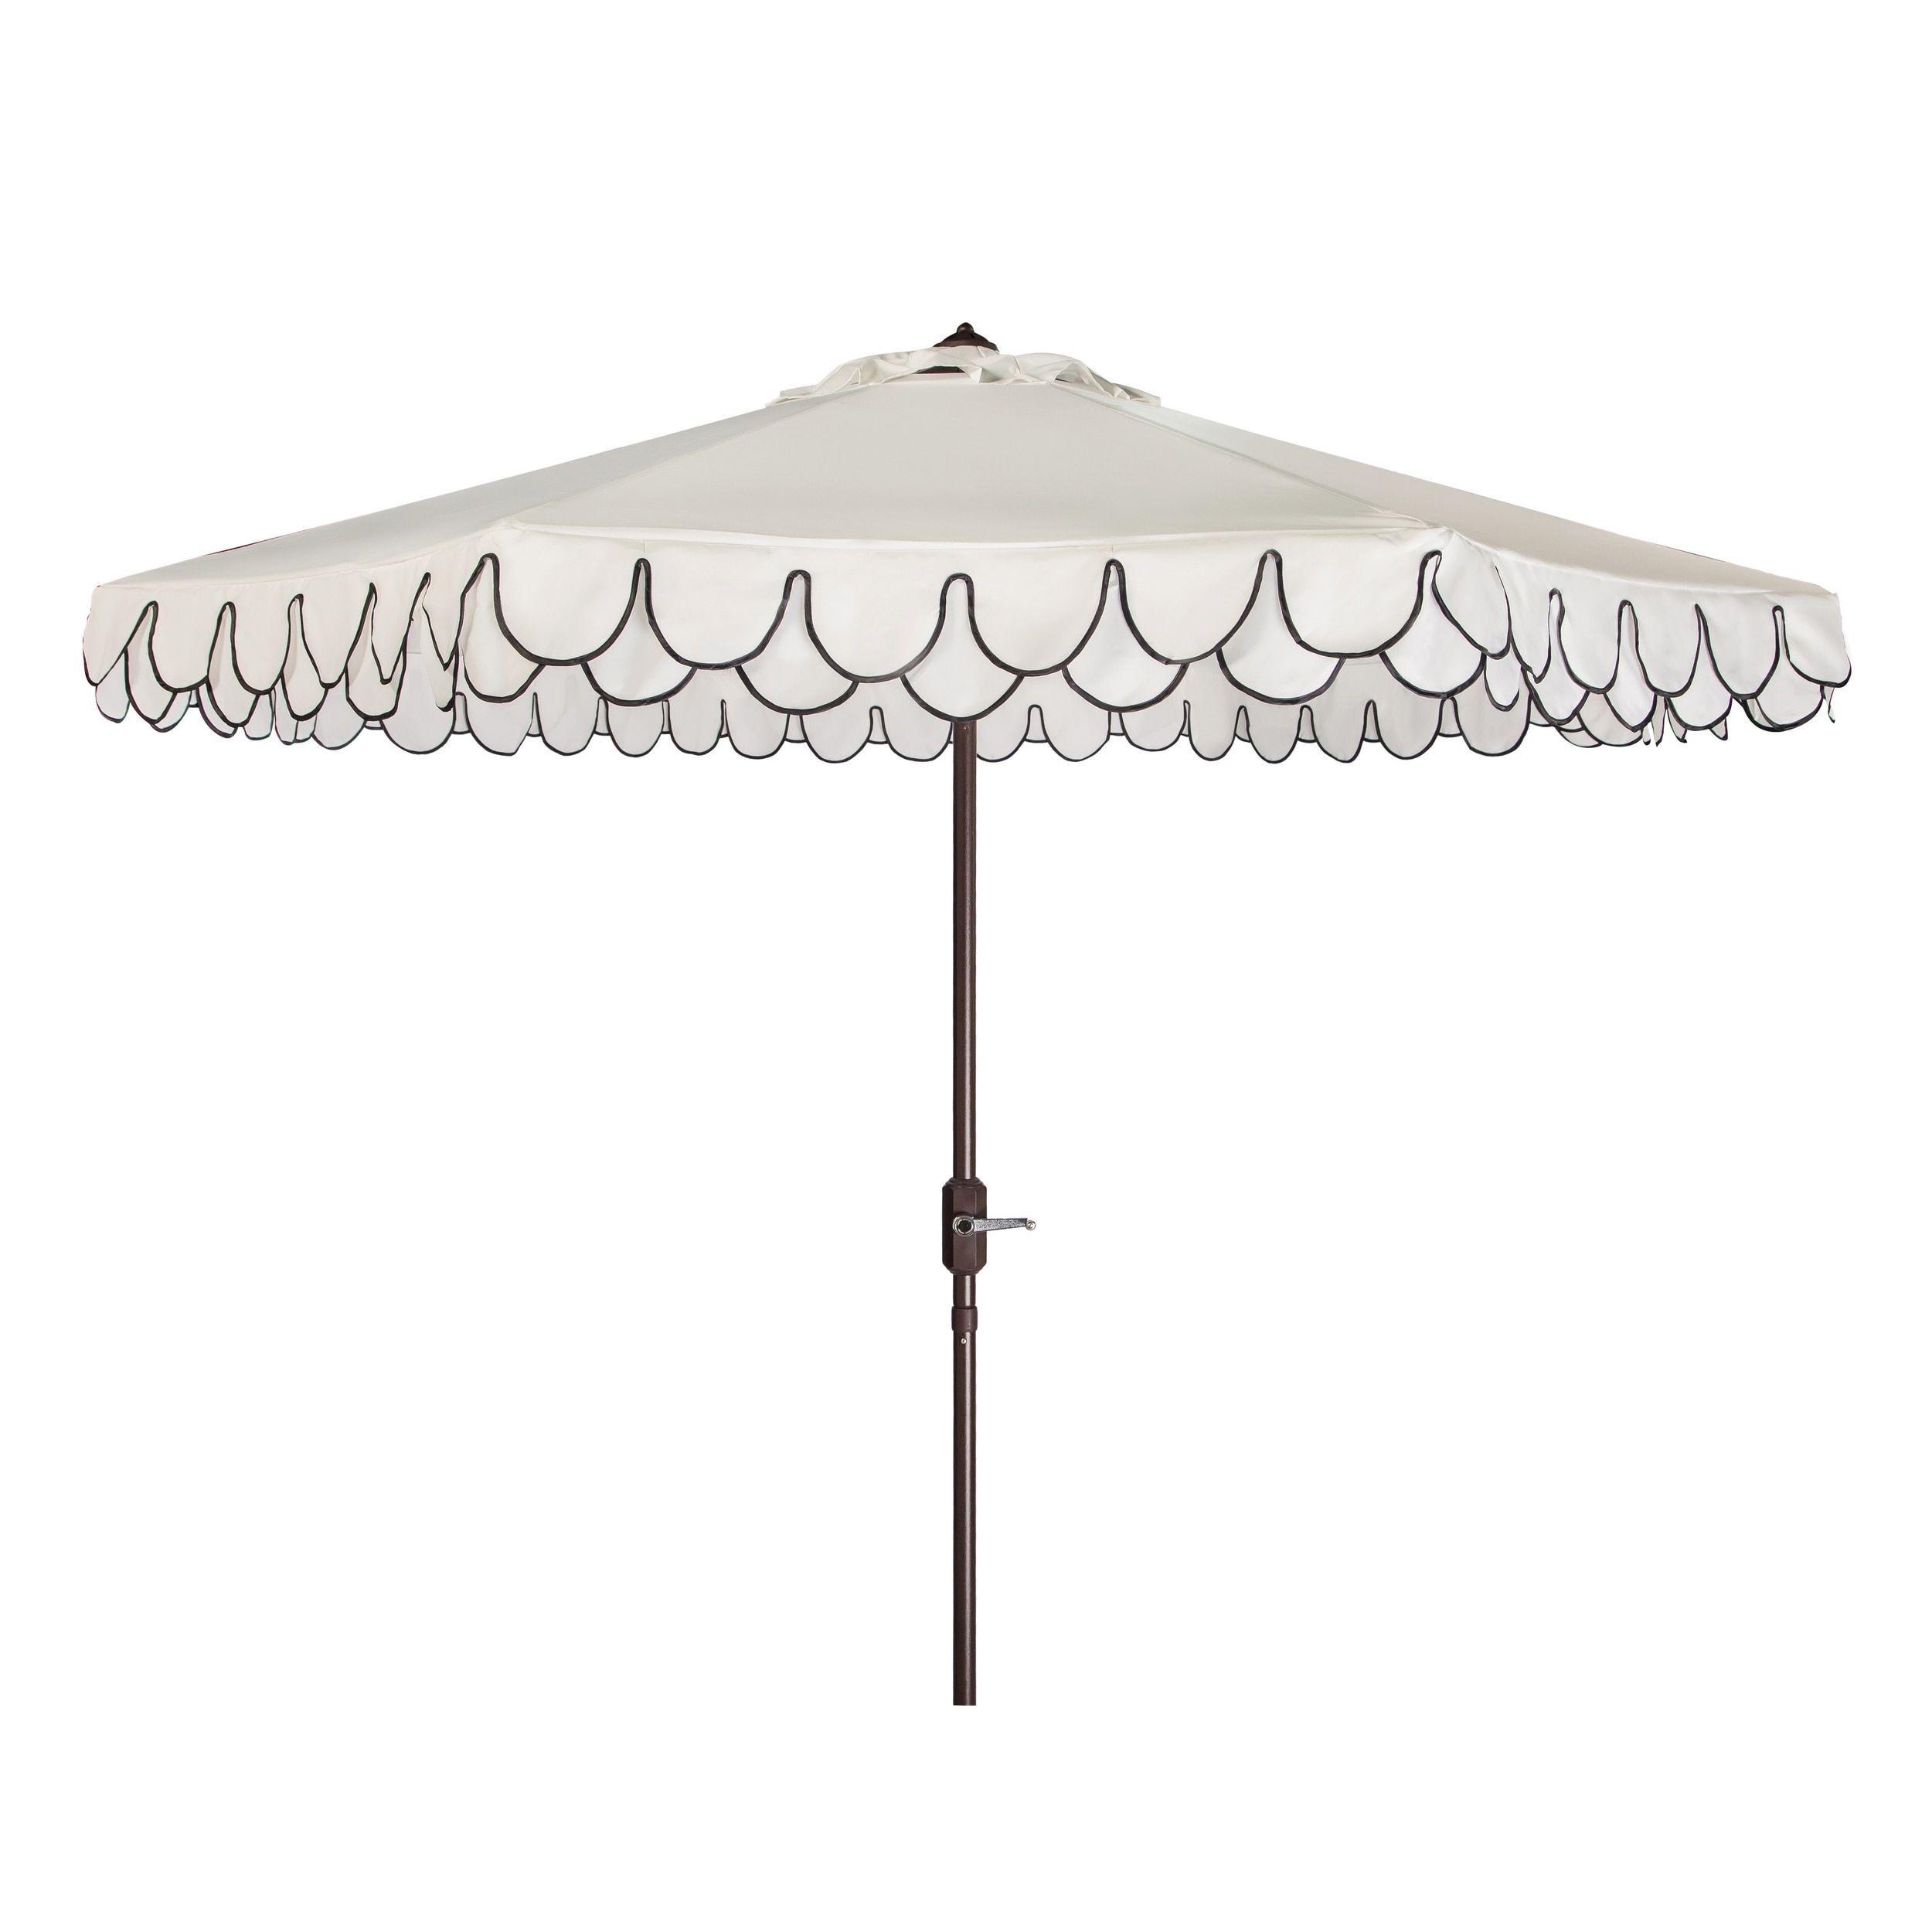 Safavieh Elegant Valance 9 Ft White Black Umbrella PAT8006E